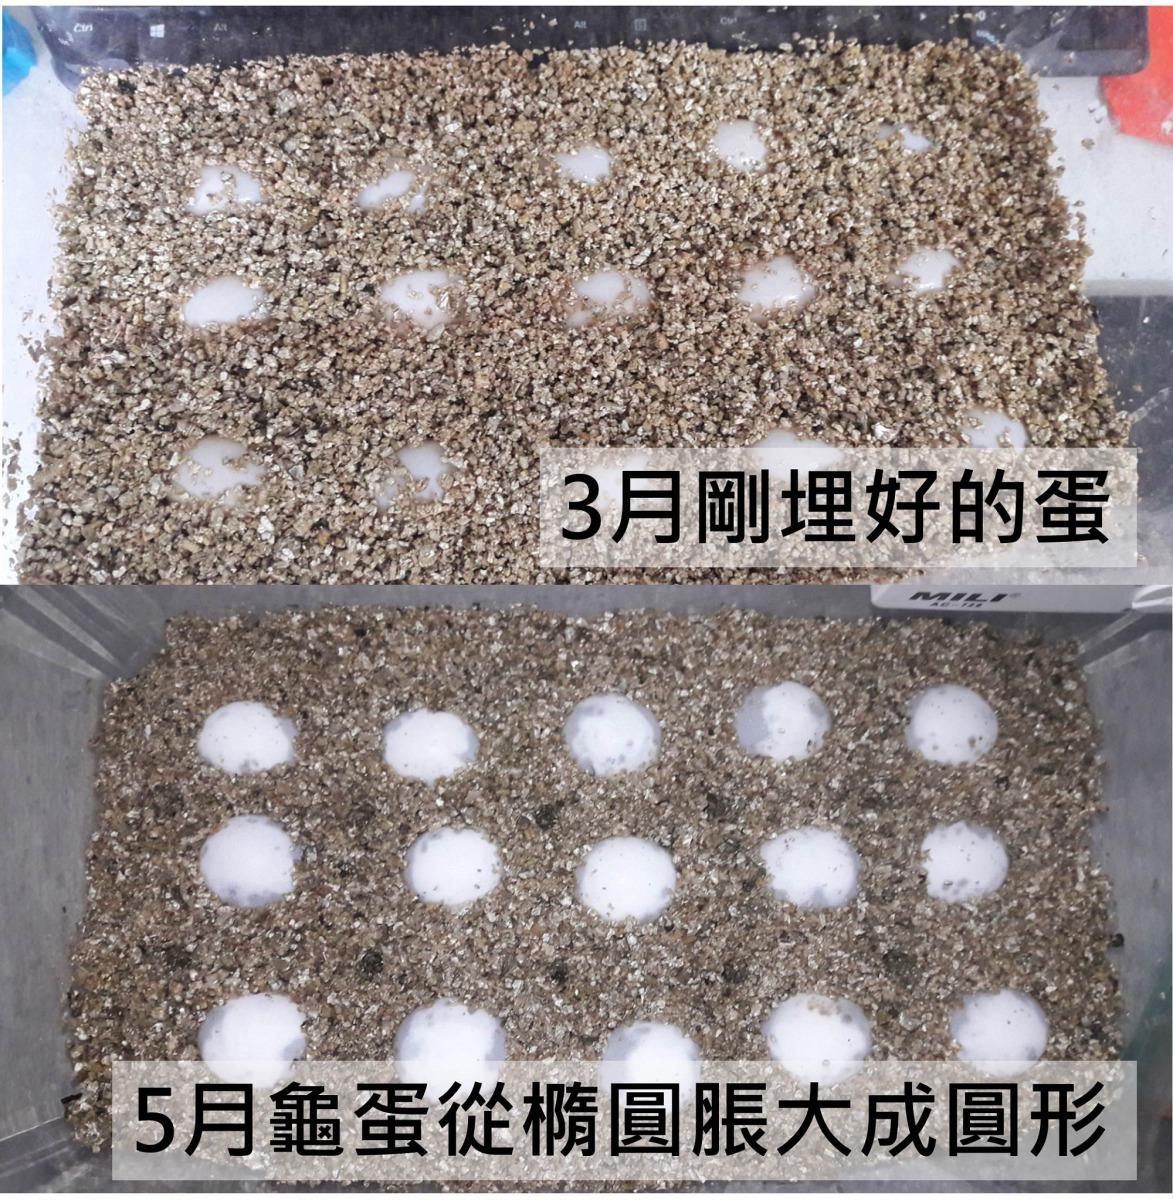 志工向花草社要了具有飽水性的蛭石,將15個蛋埋在其中,並按照專家的指示調整含水量,期待能夠看到奇蹟。志工/提供